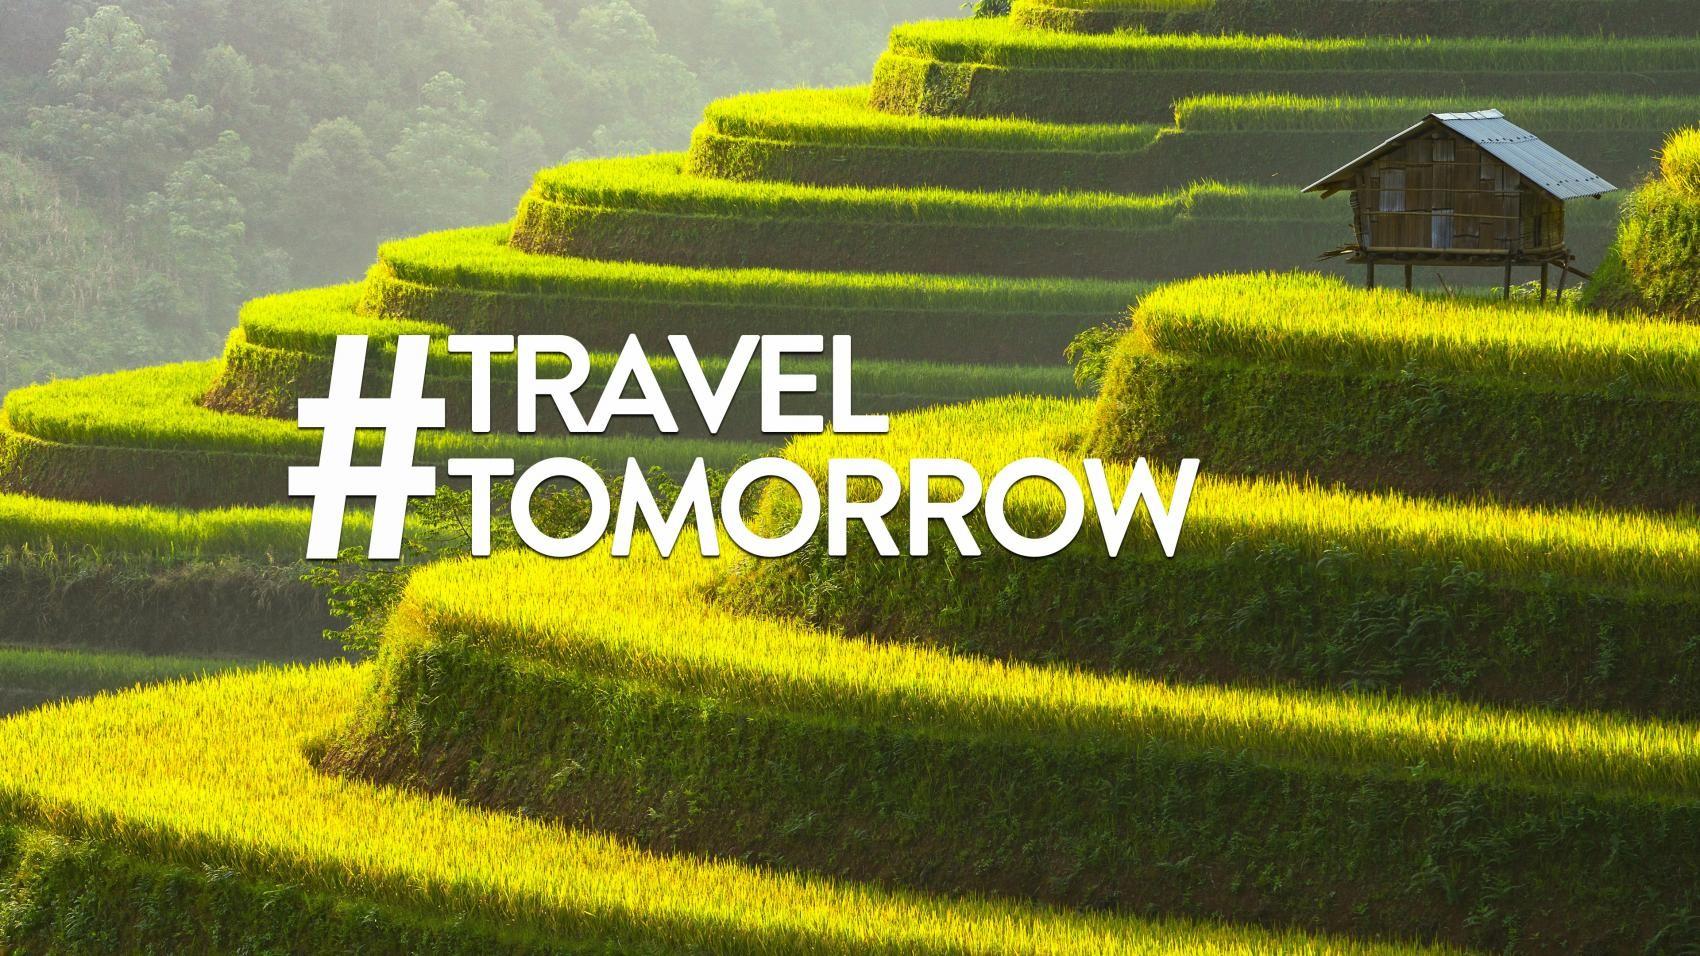 traveltomorrow-slide.jpg